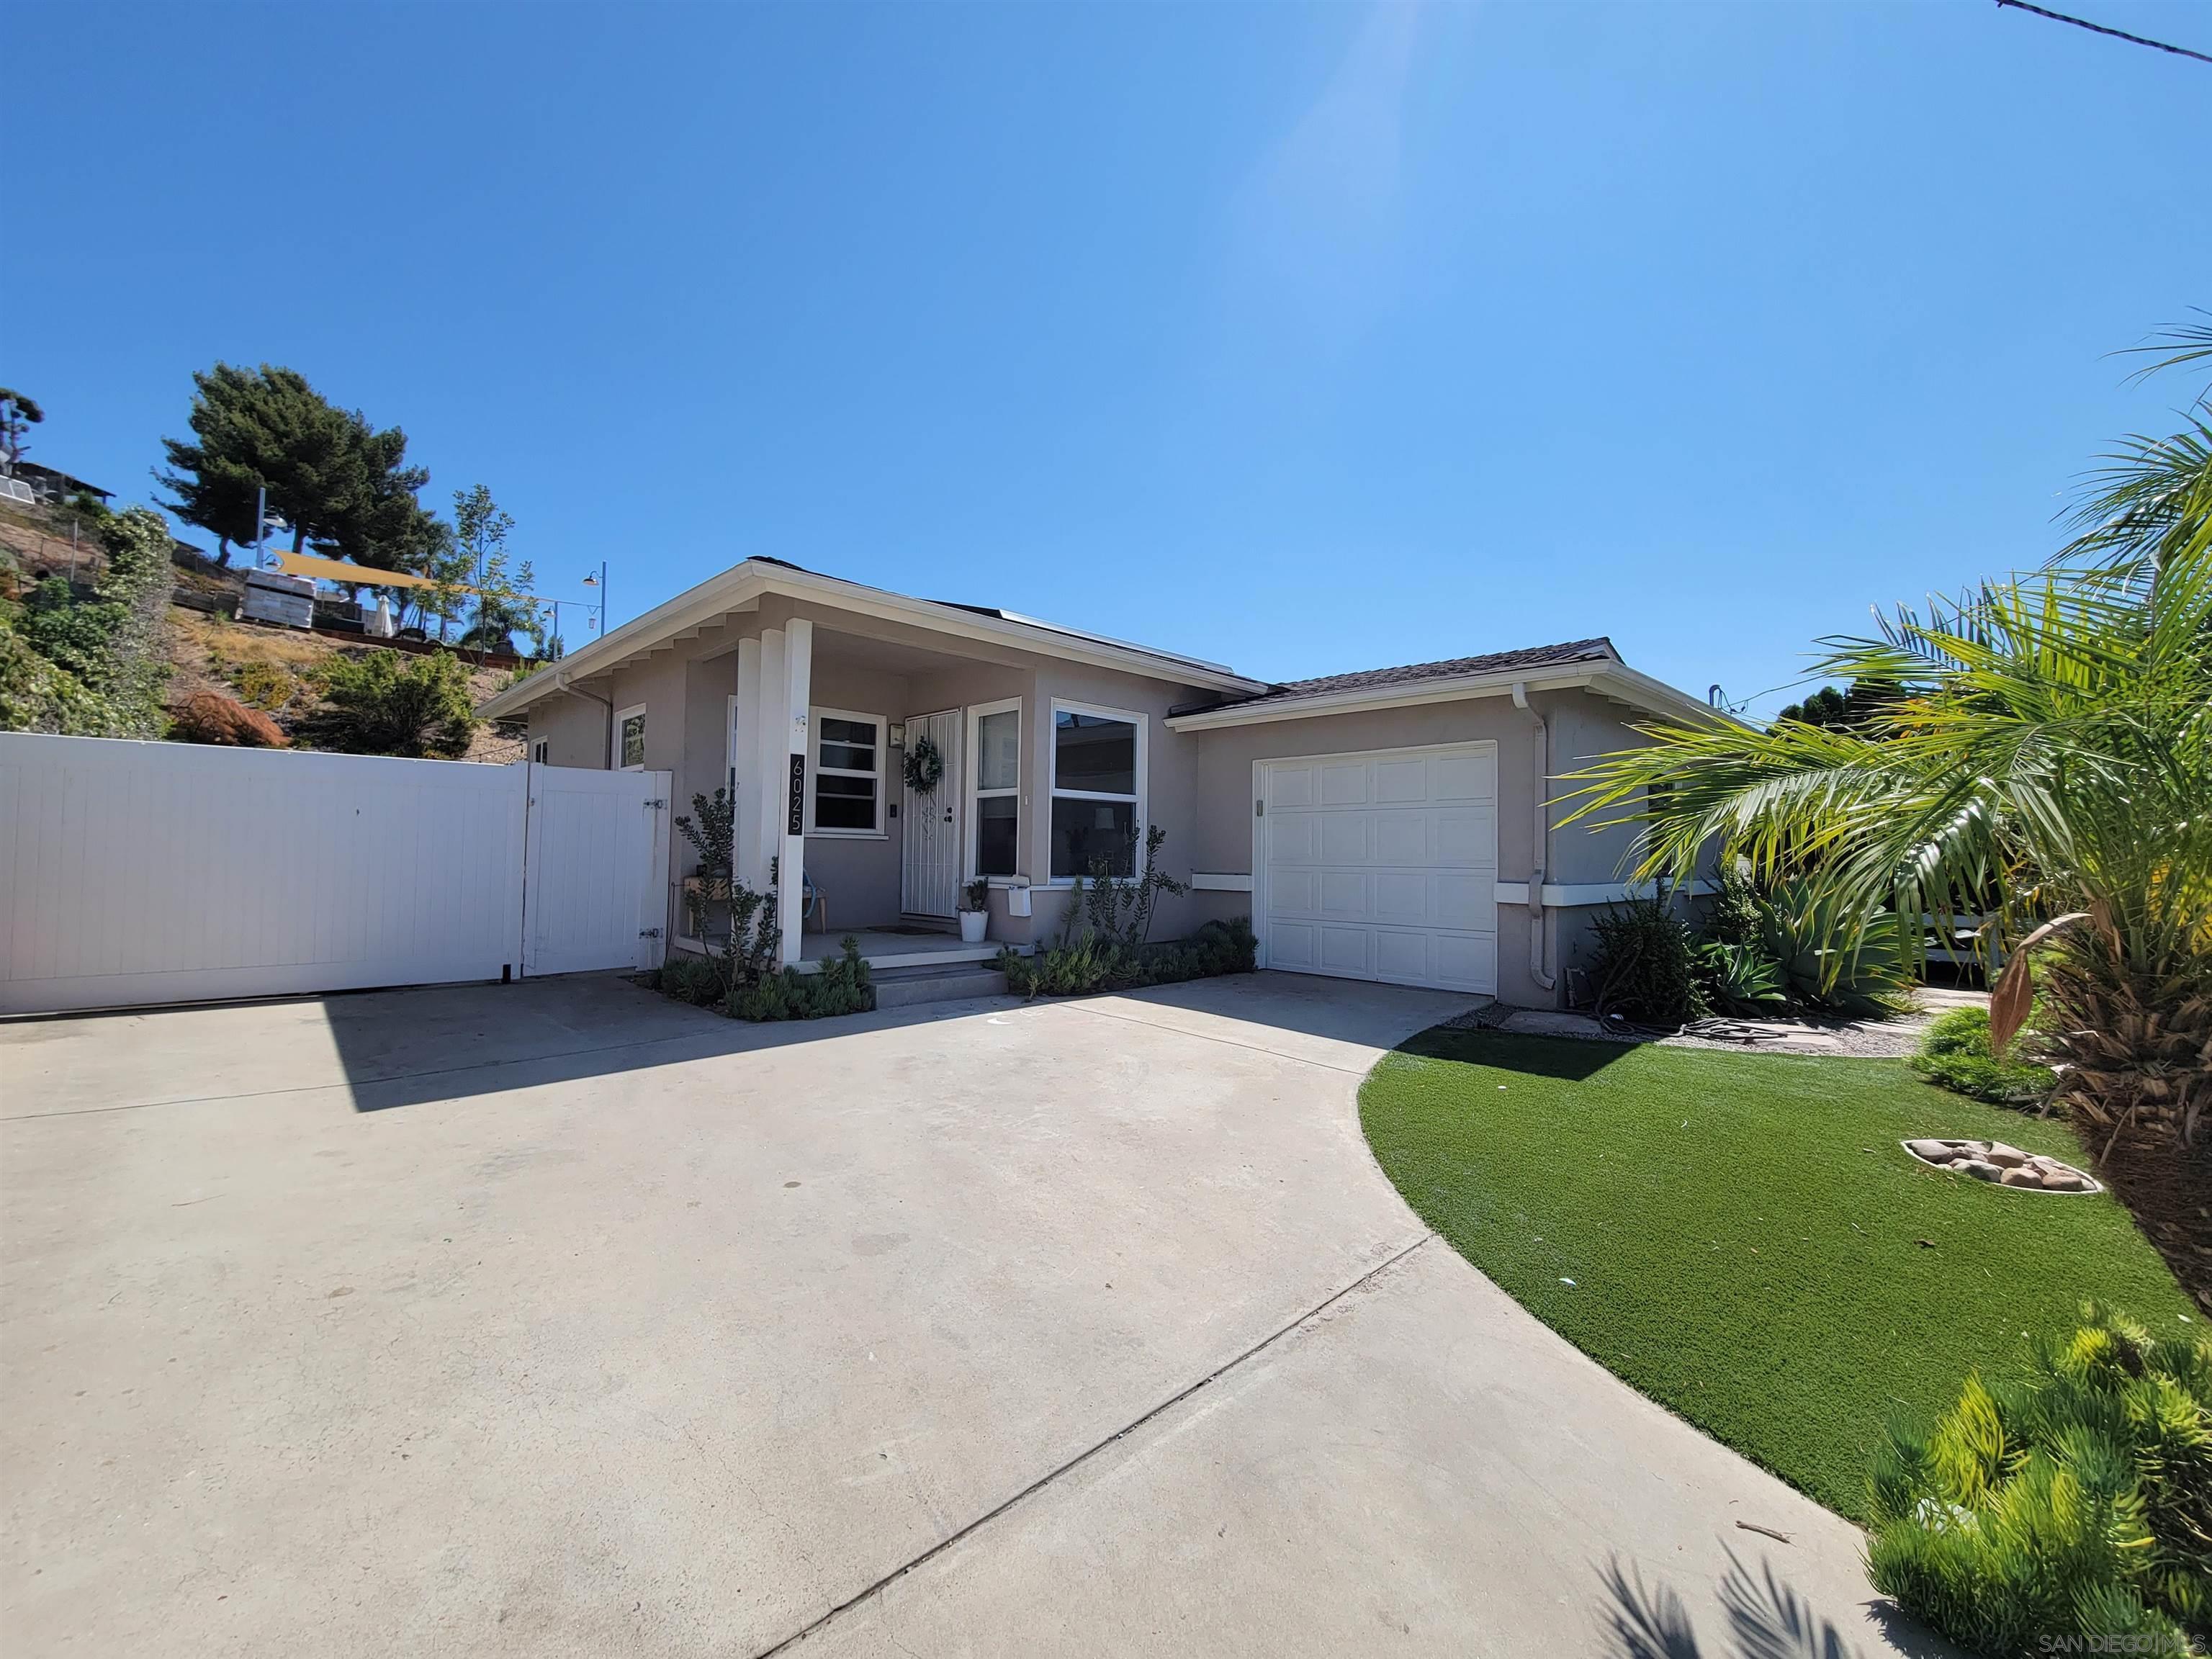 6025 Kelton Ave, La Mesa, CA 91942